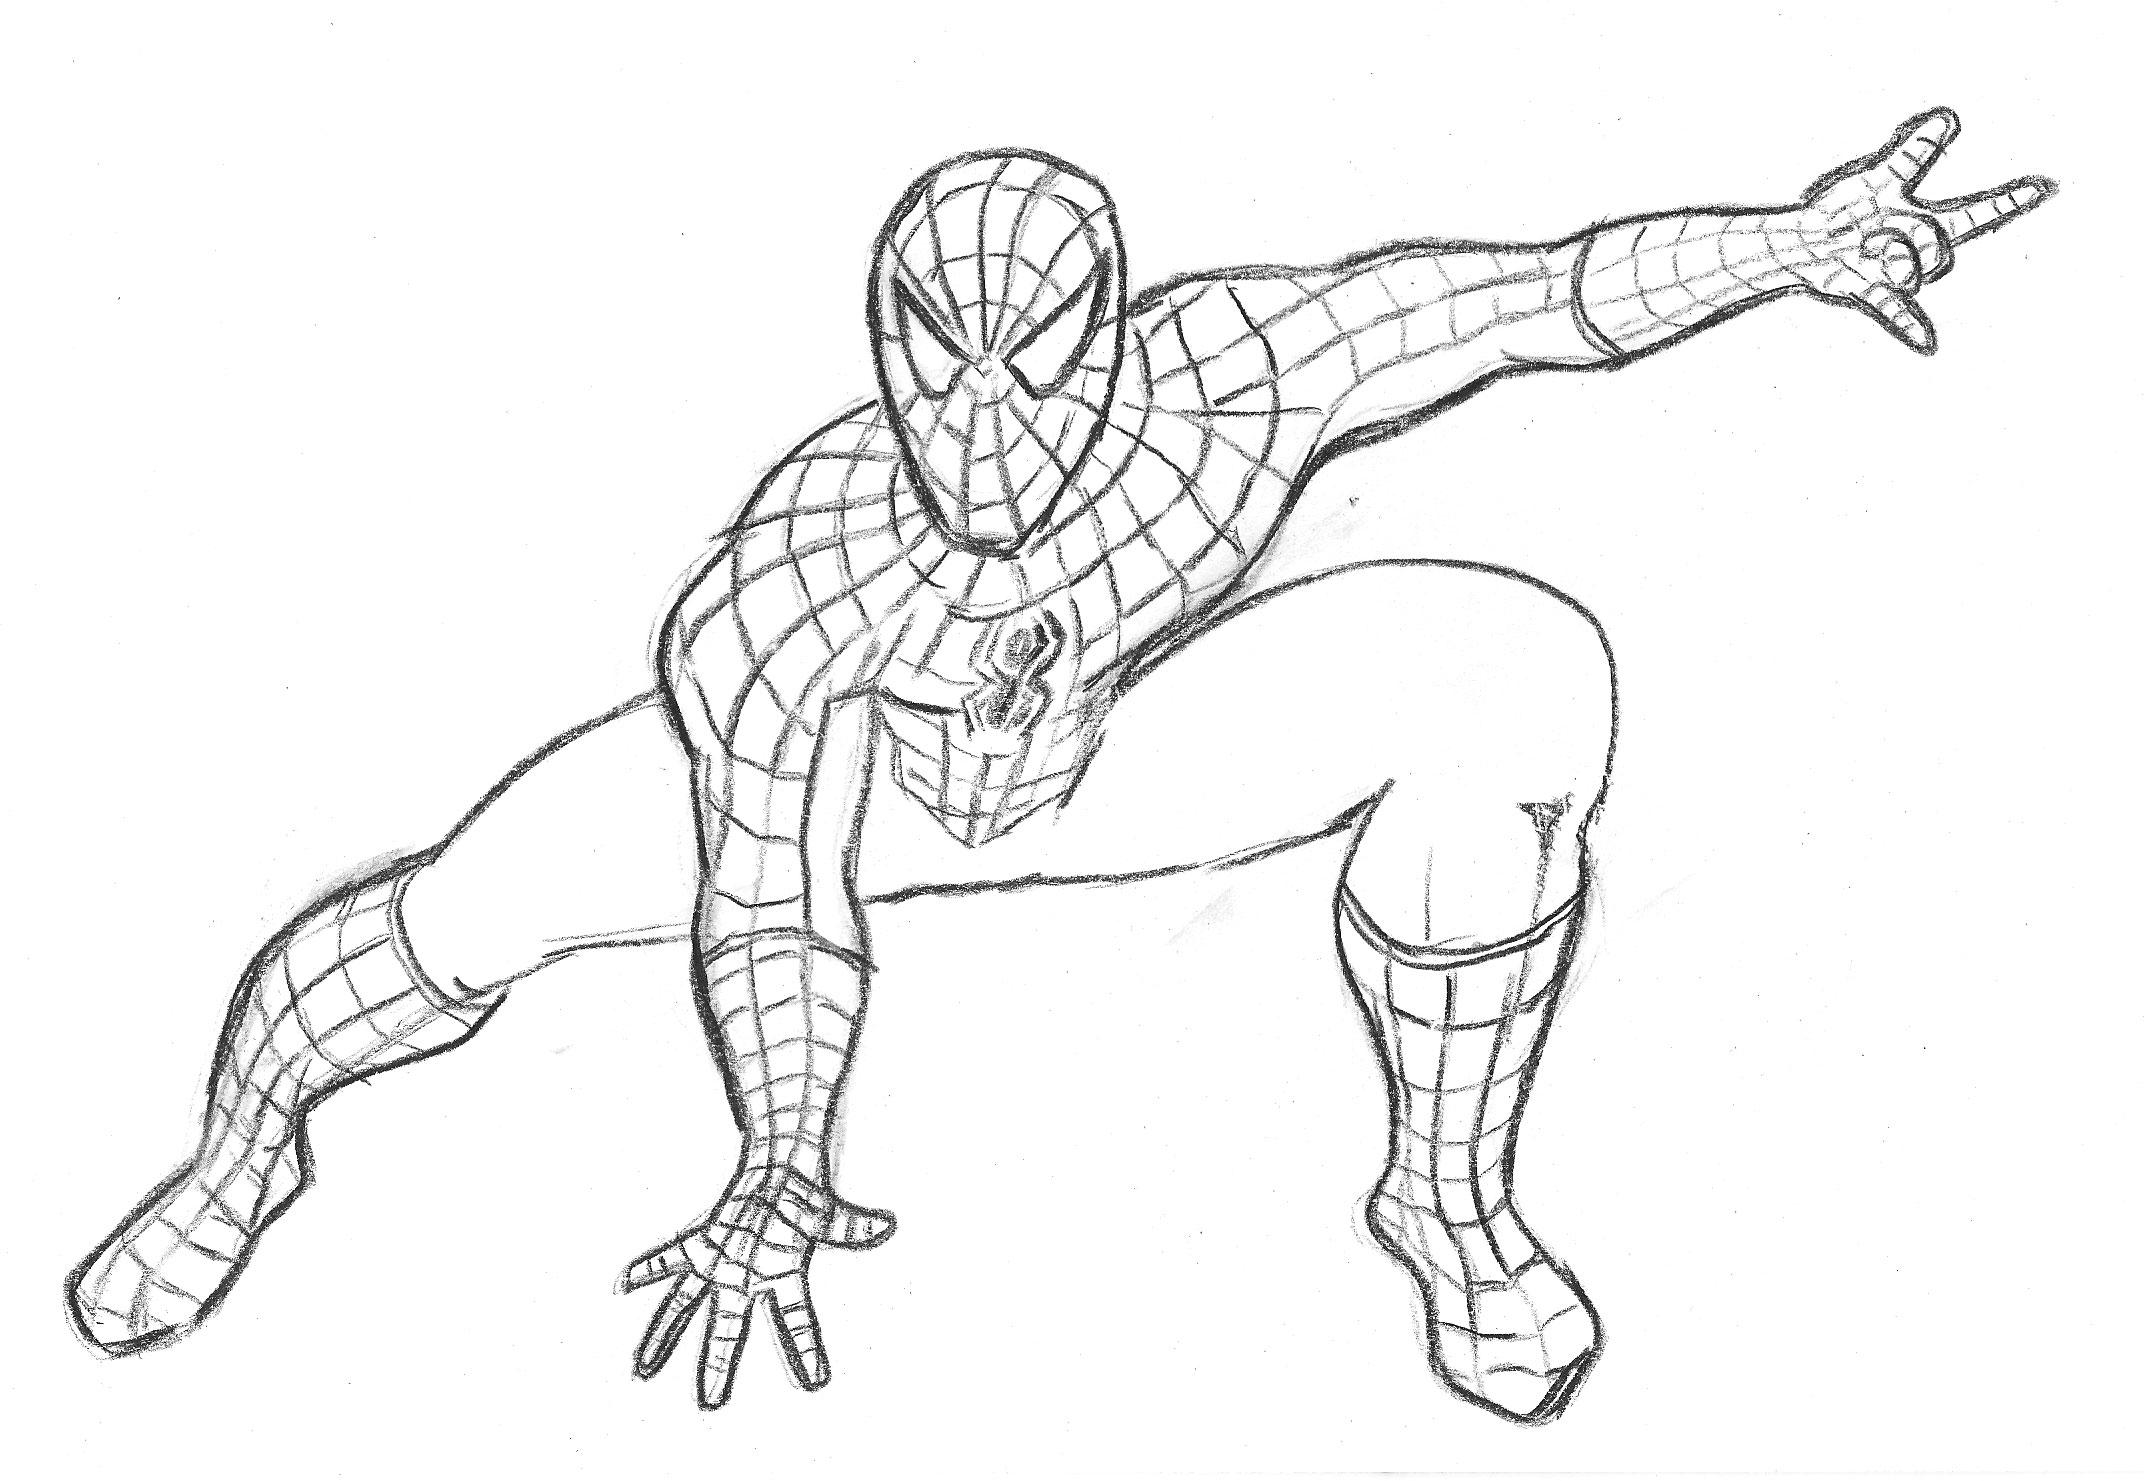 Dessin A Colorier Et Imprimer Spiderman pour Masque Spiderman A Imprimer